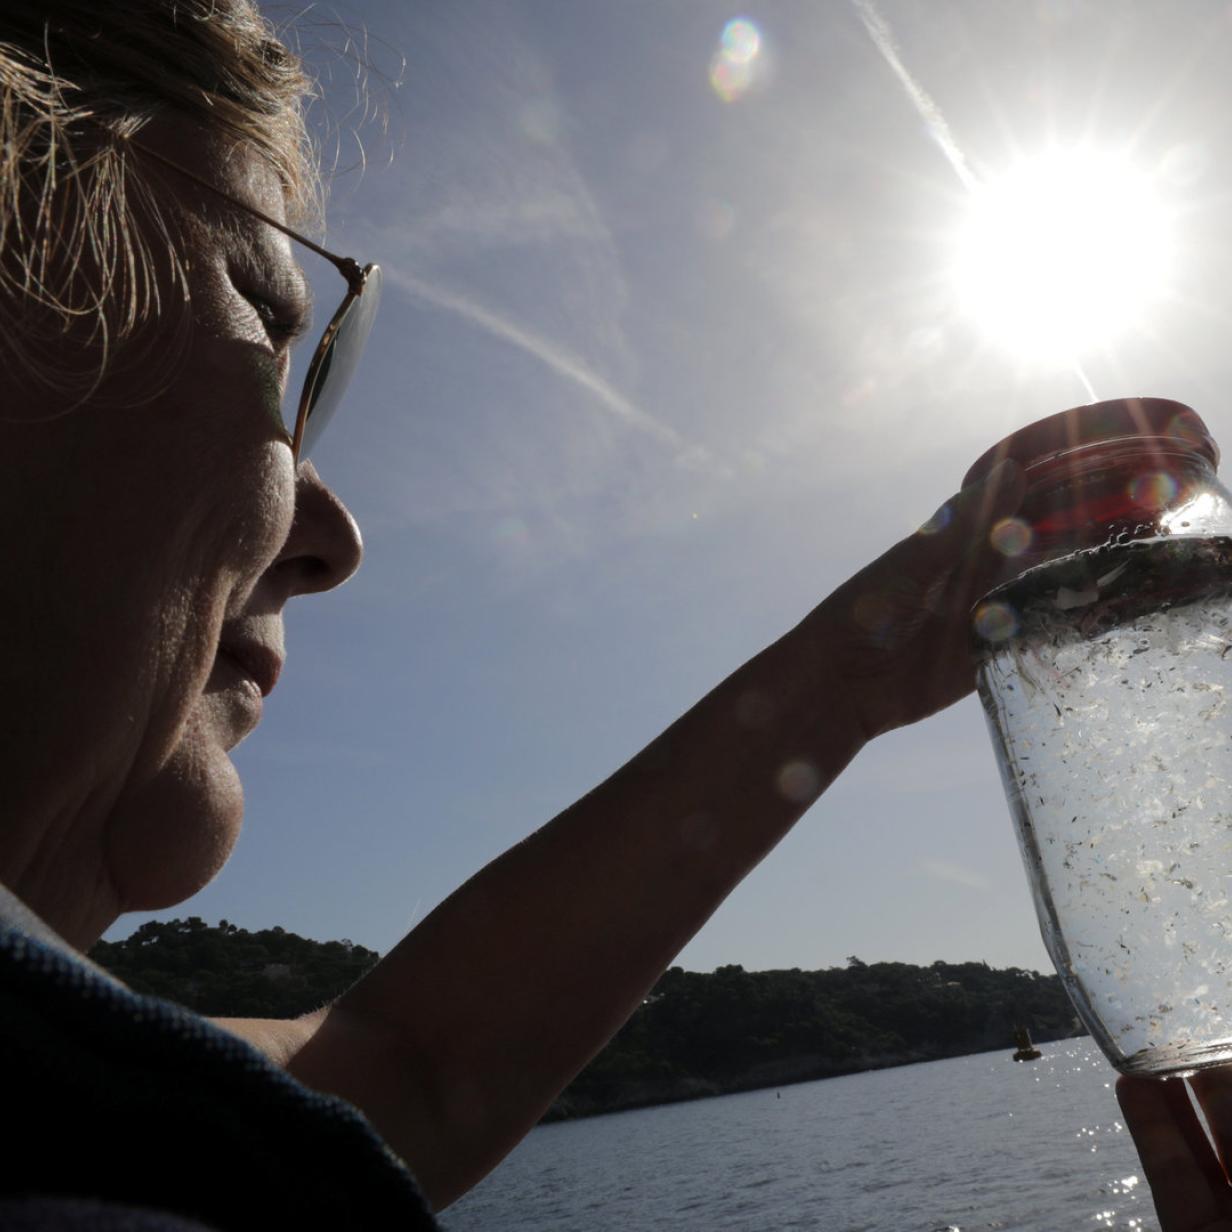 Mikroplastik: Wie ein heimischer Experte das Risiko einstuft